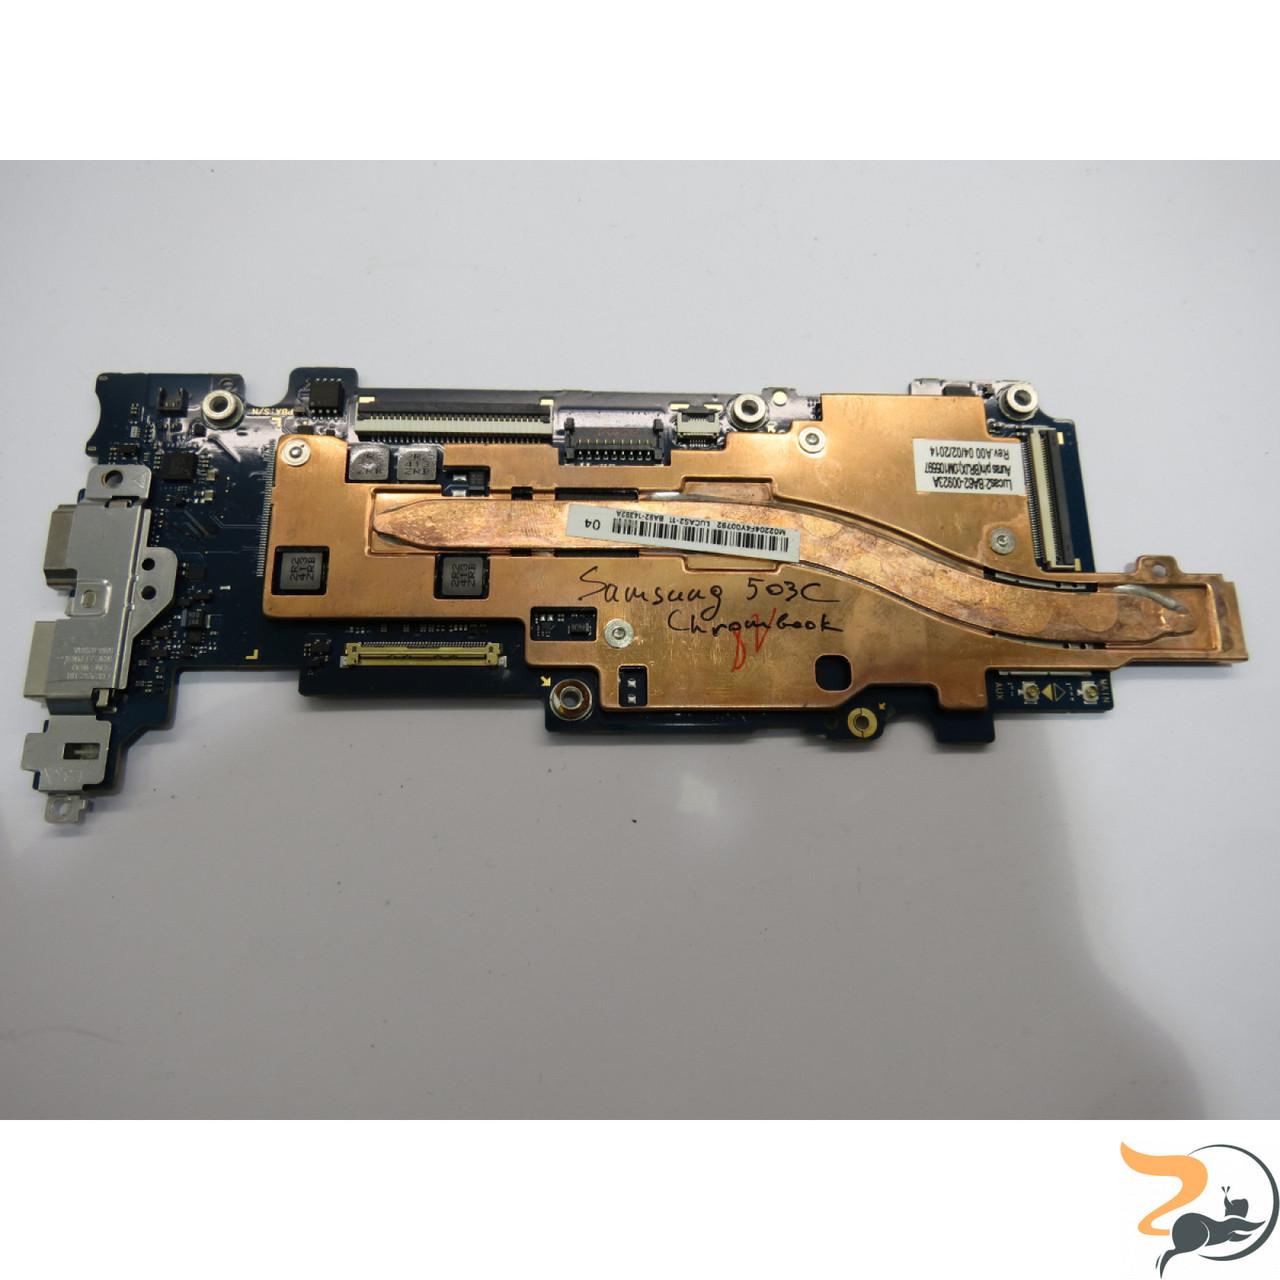 Материнська плата для ноутбука Samsung Chrombook 503C, LUCAS2-11R, Rev: 1.0, б\в. Має впаяний процесор SAMSUNG